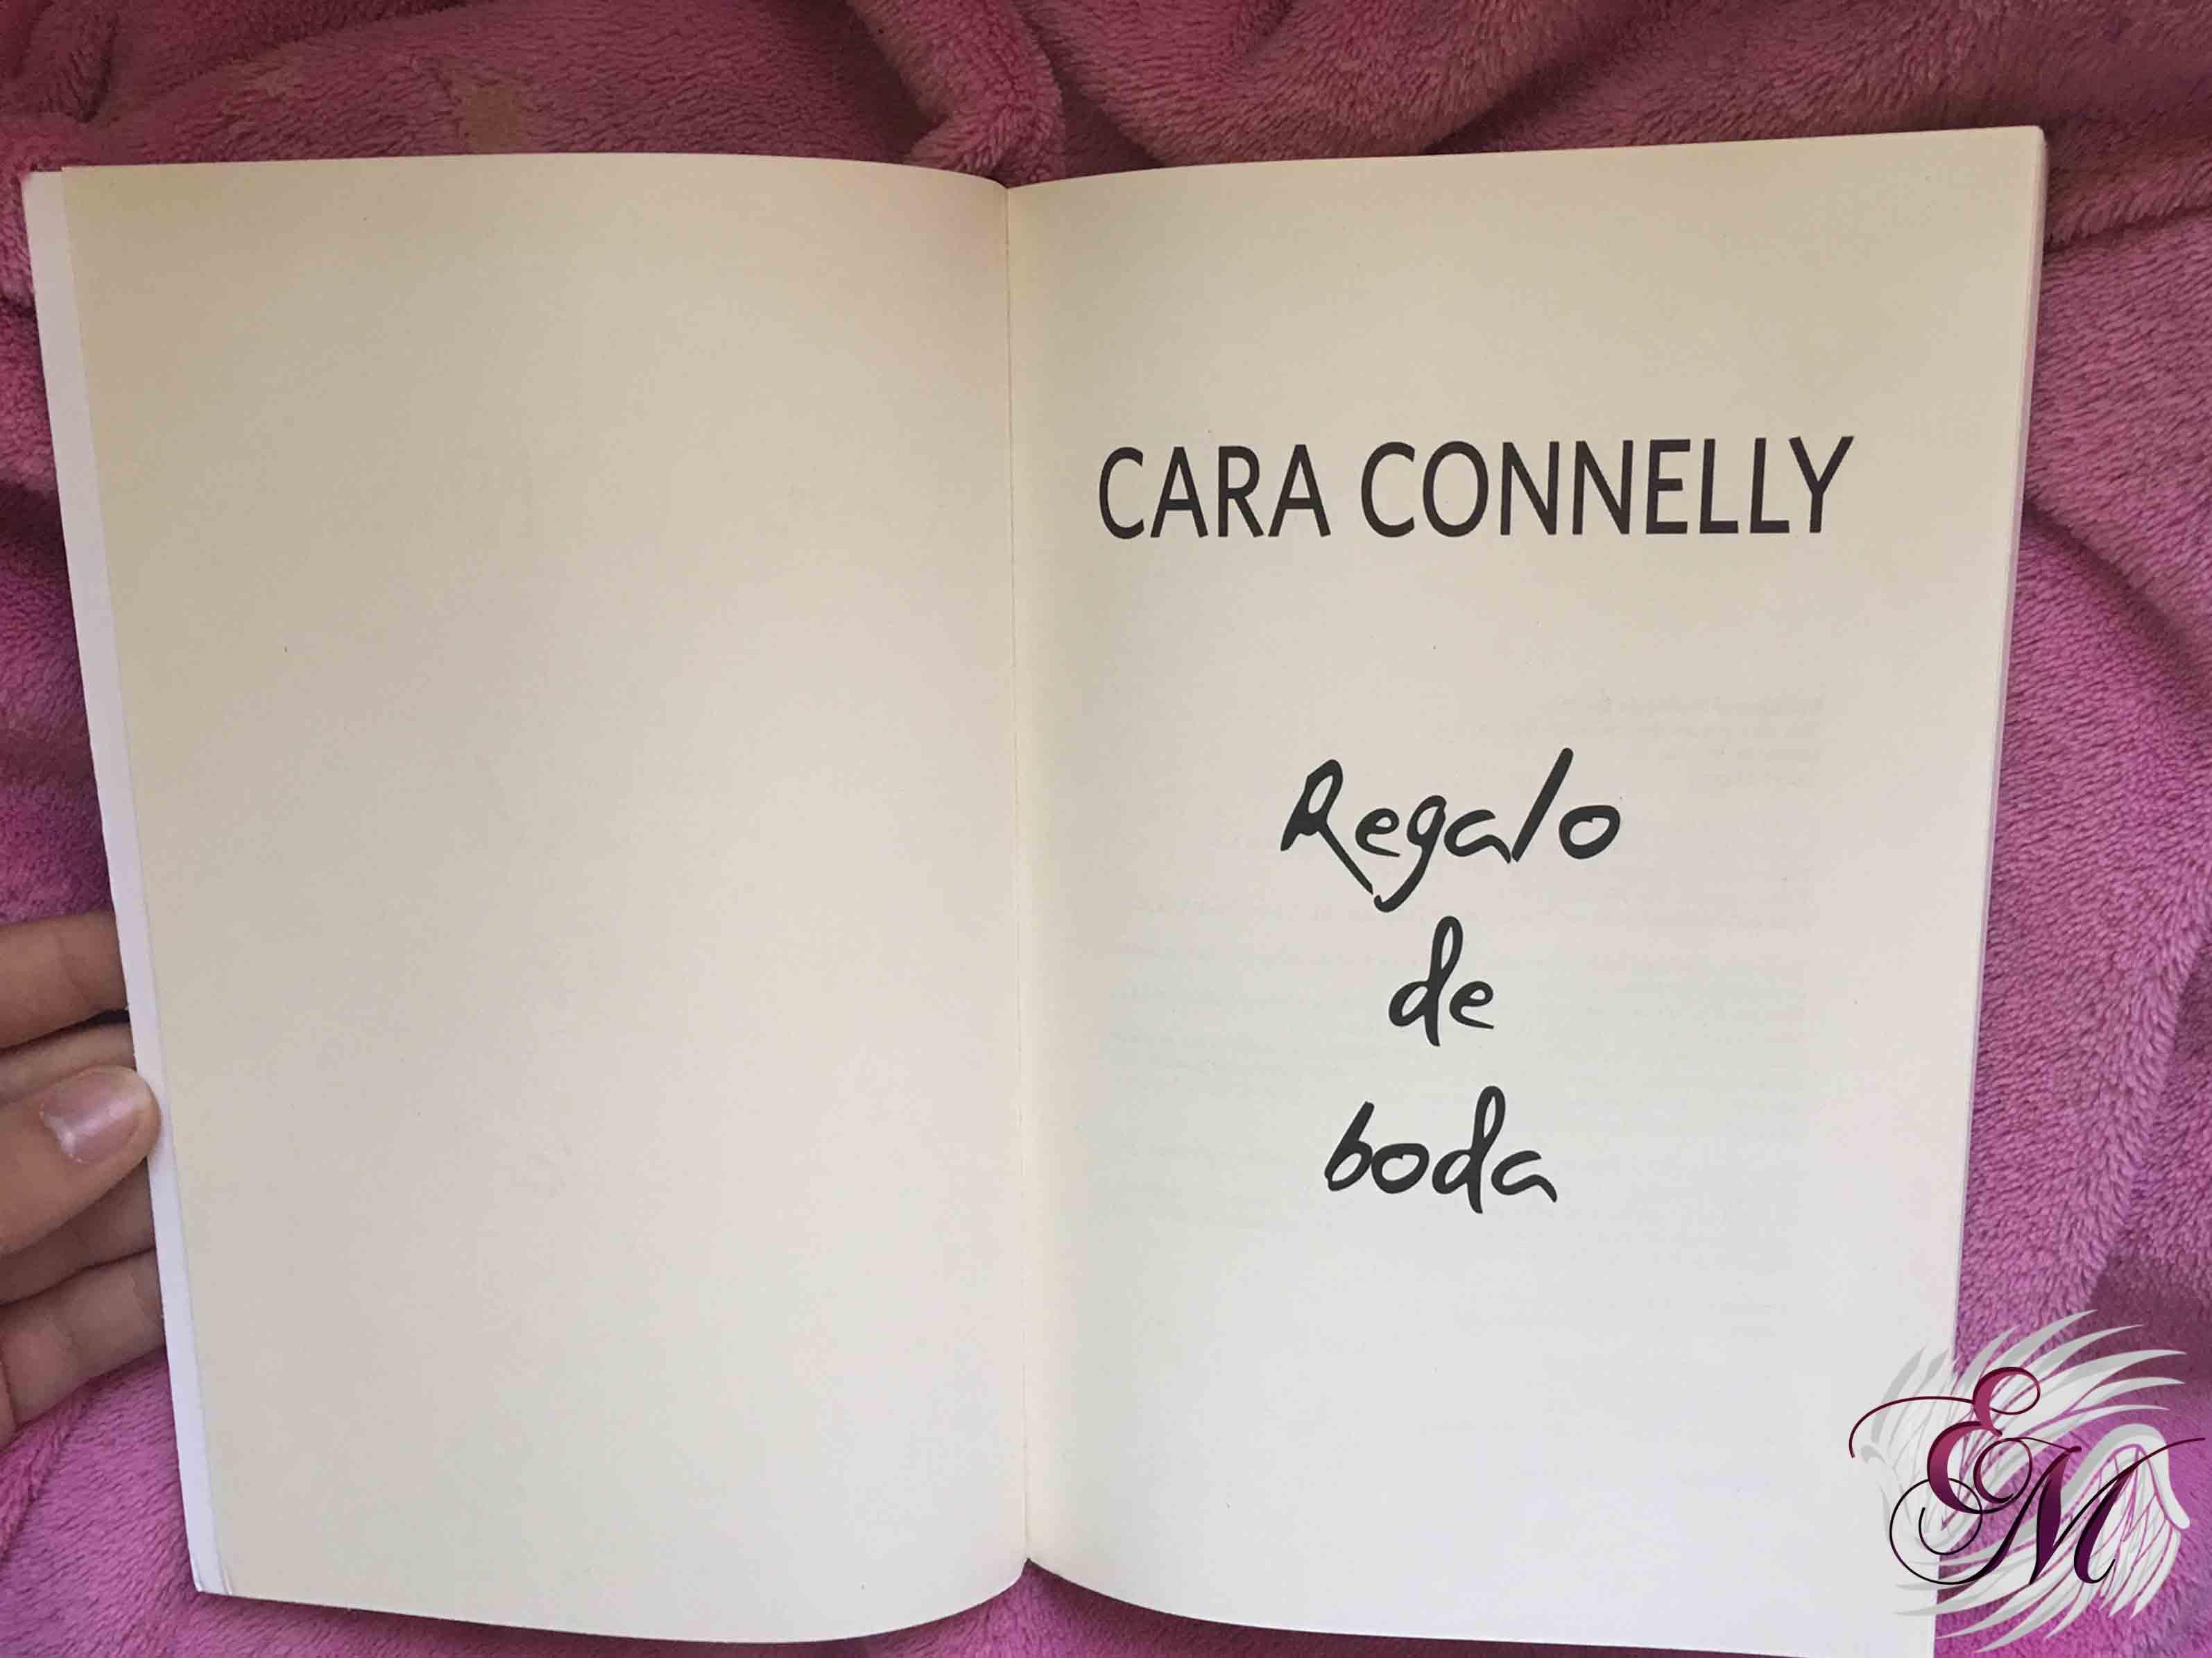 Regalo de boda, de Cara Conelly - Reseña